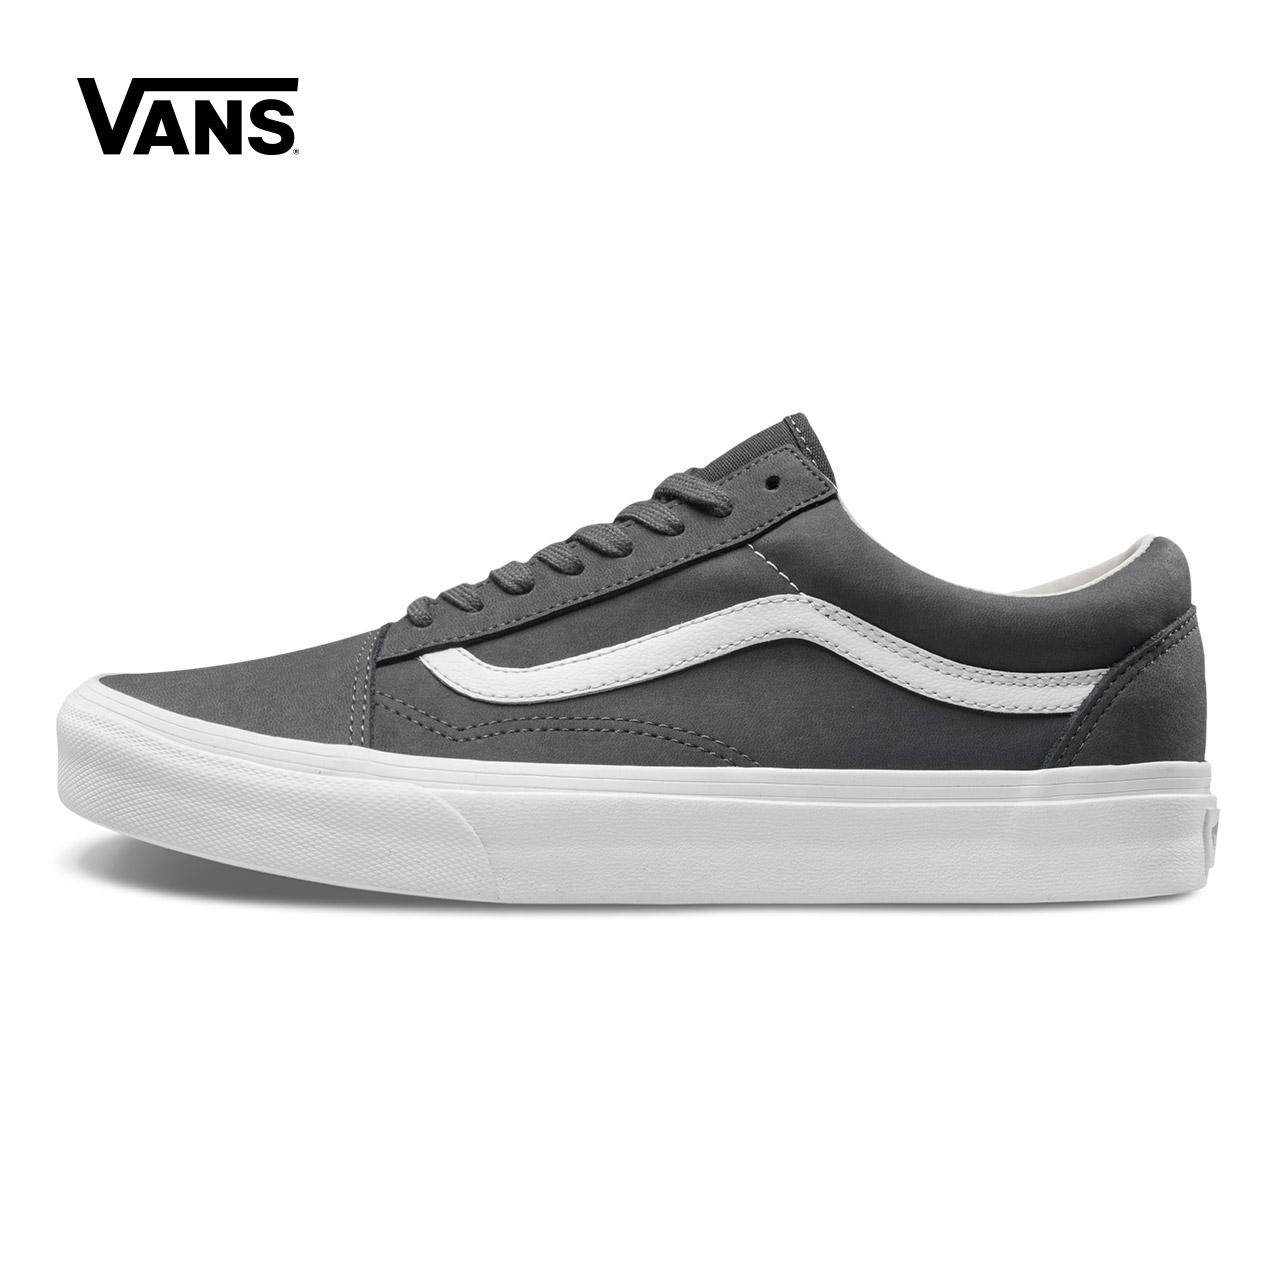 Vans 范斯官方男女款OLD SKOOL板鞋 VN0A38G1U5V-U4A